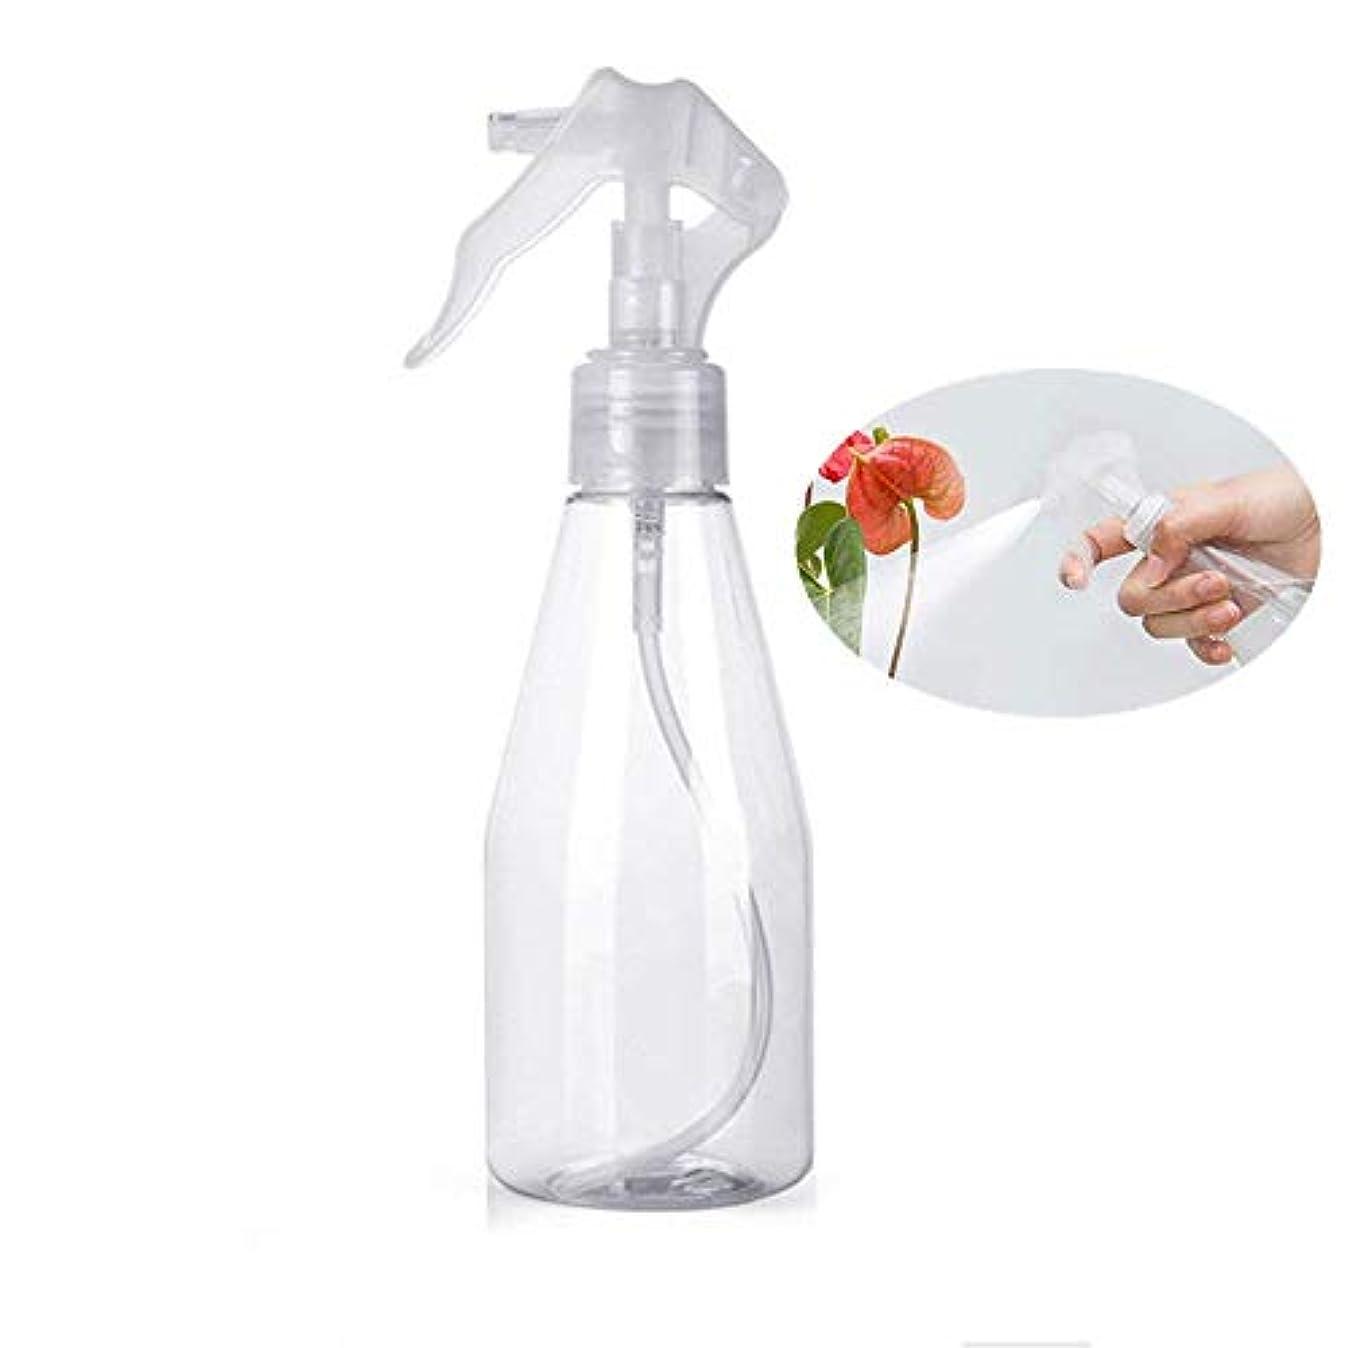 要件時メロディアスHongsheng スプレーボトル 化粧品ボトル 水さし 環境保護の材料 ミニ 掃除スプレー 園芸 観葉植物 料理用 食品用 ボトル 化粧用 霧吹き 詰め替え容器 漏れ防止 200ml 透明 (1個入)